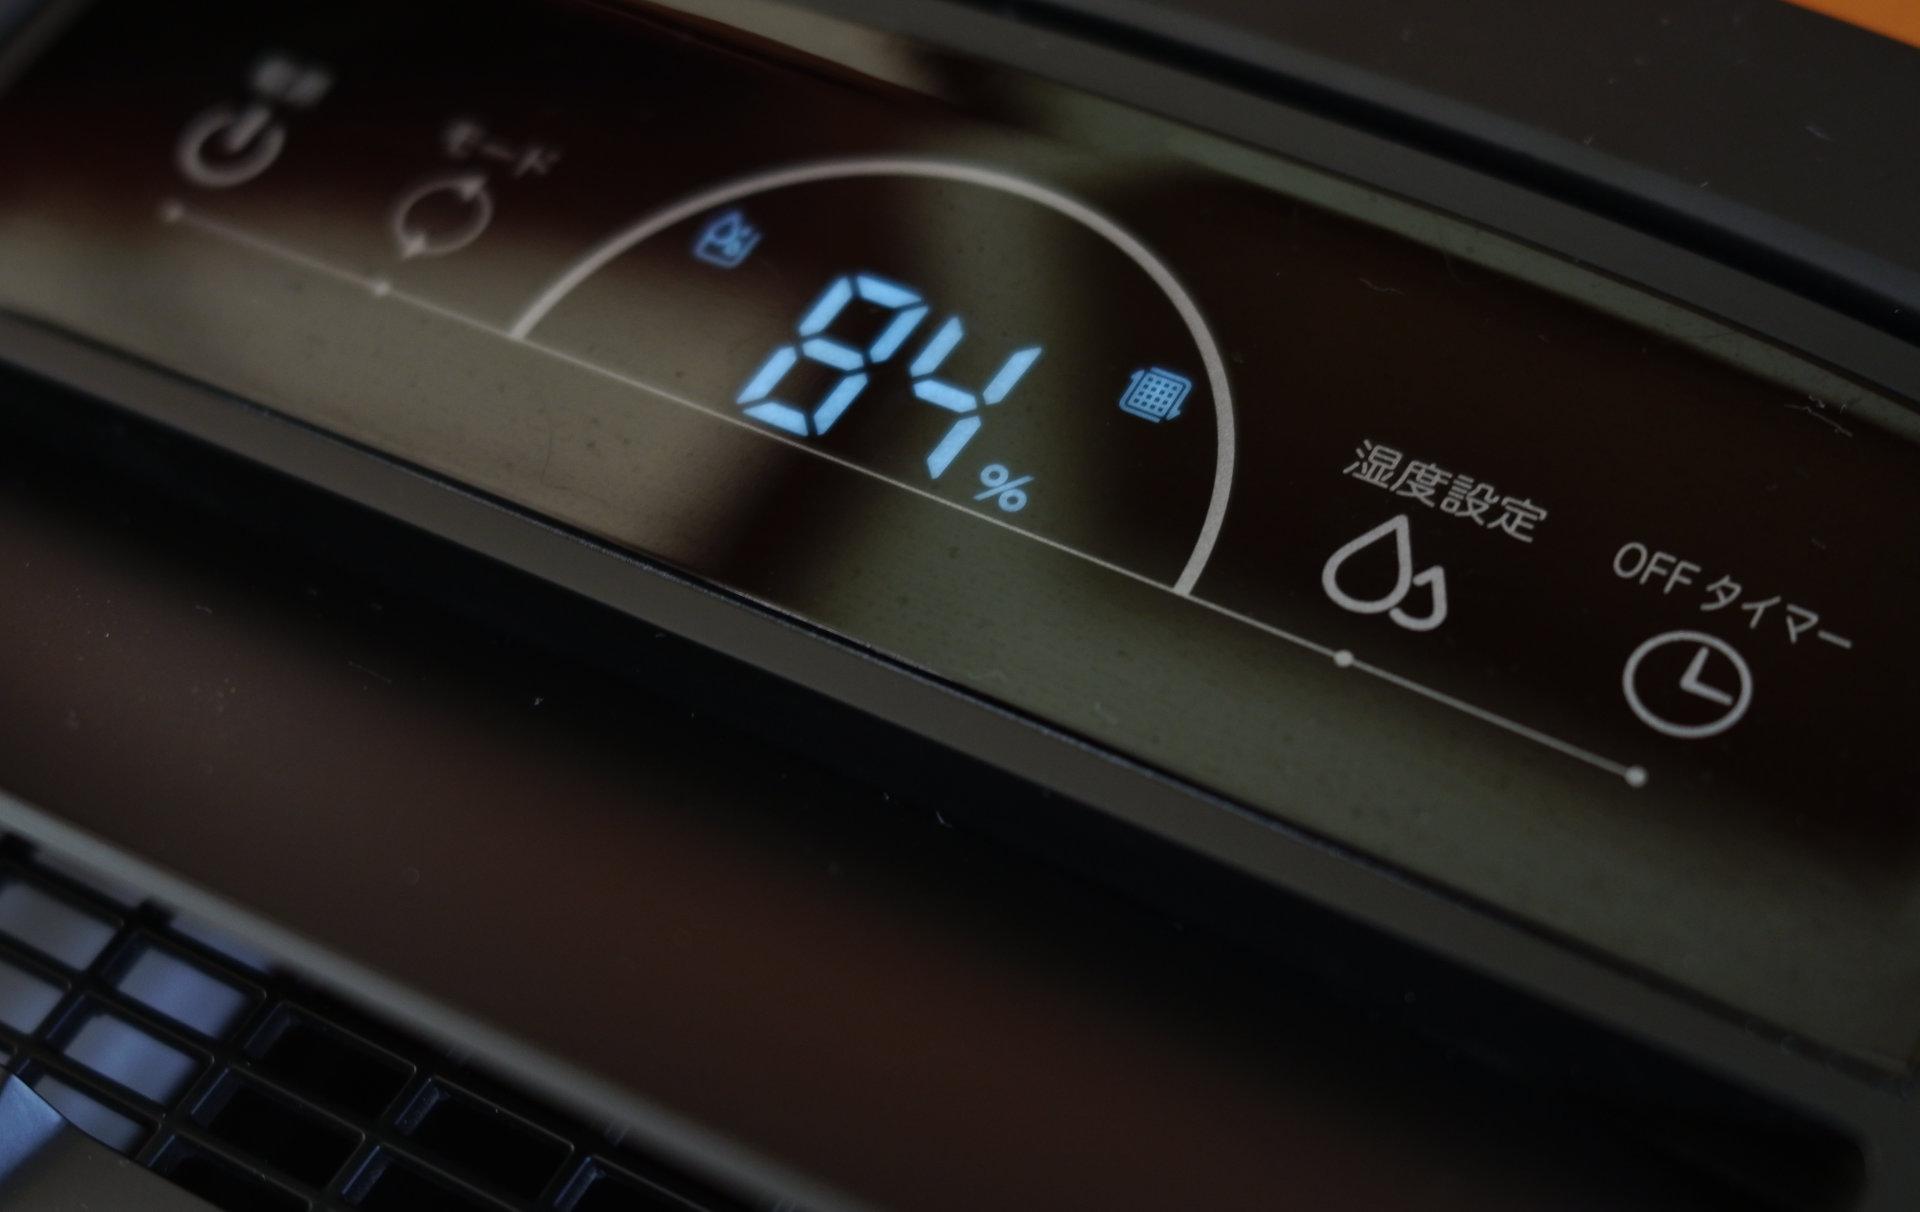 湿度表示 コンプレッサー式除湿機 yl001